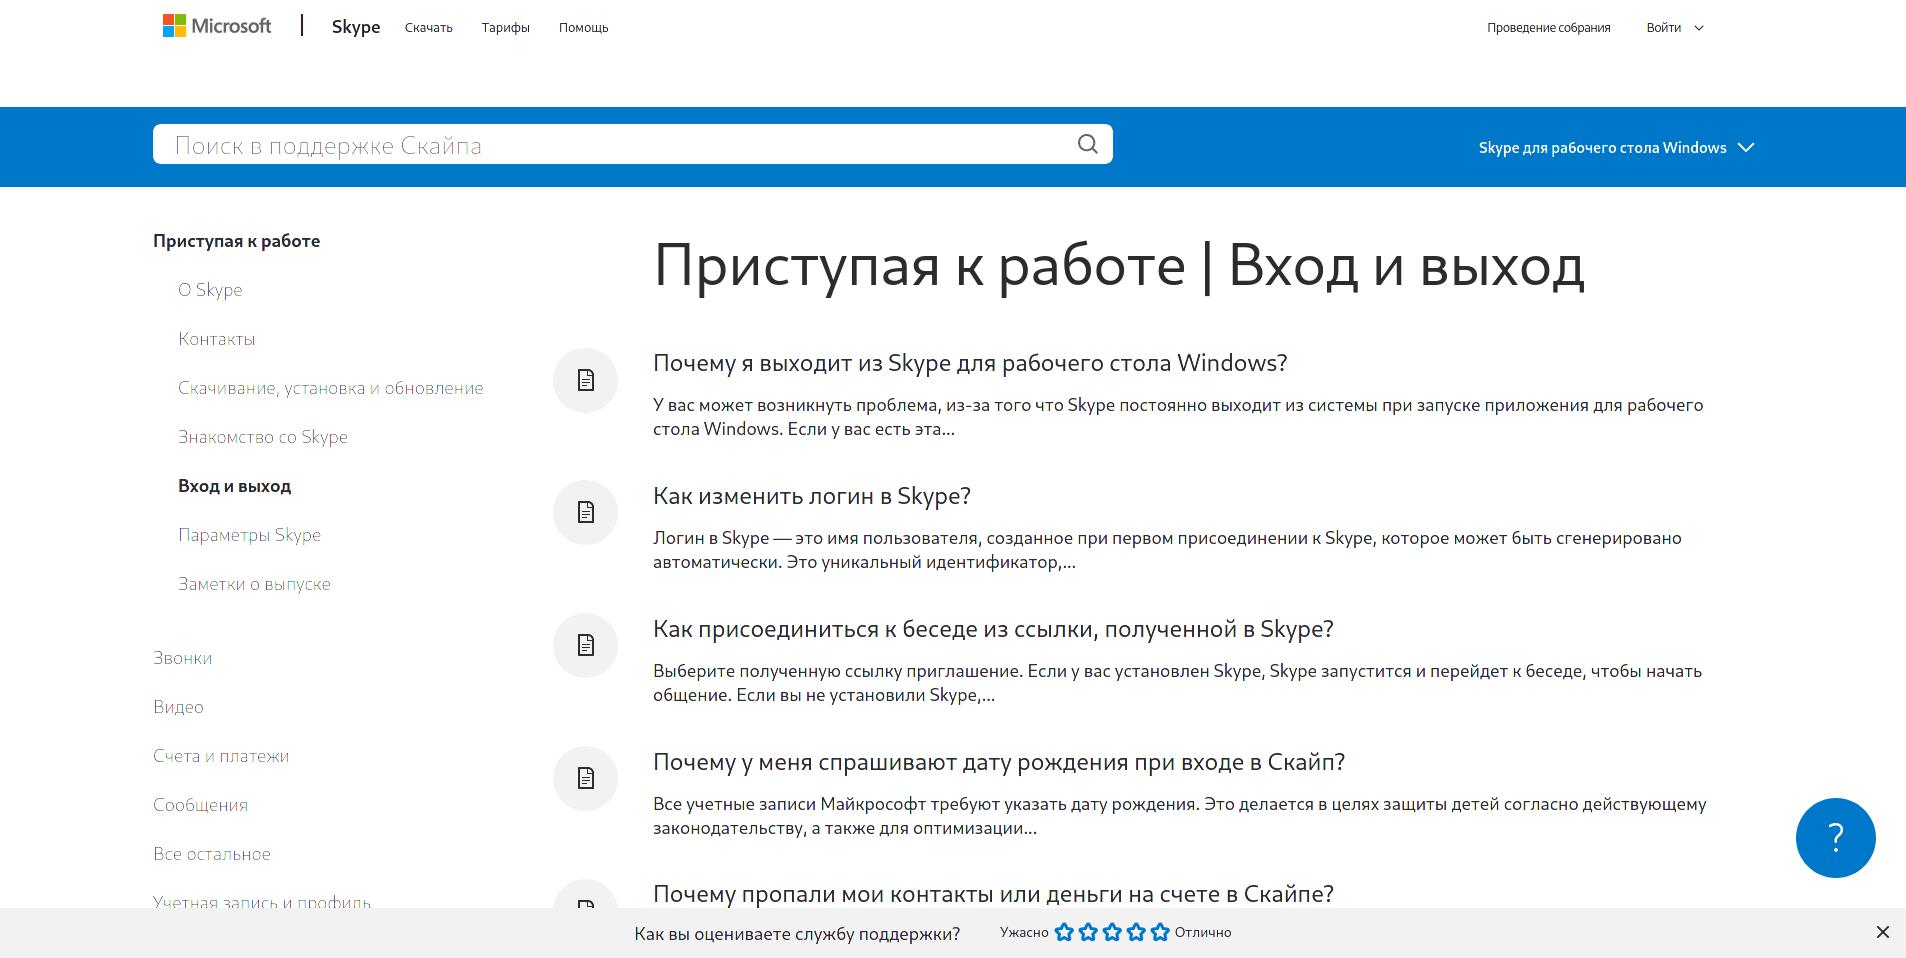 Screenshot_2021-03-08 Приступая к работе Вход и выход Поддержка Скайпа.png